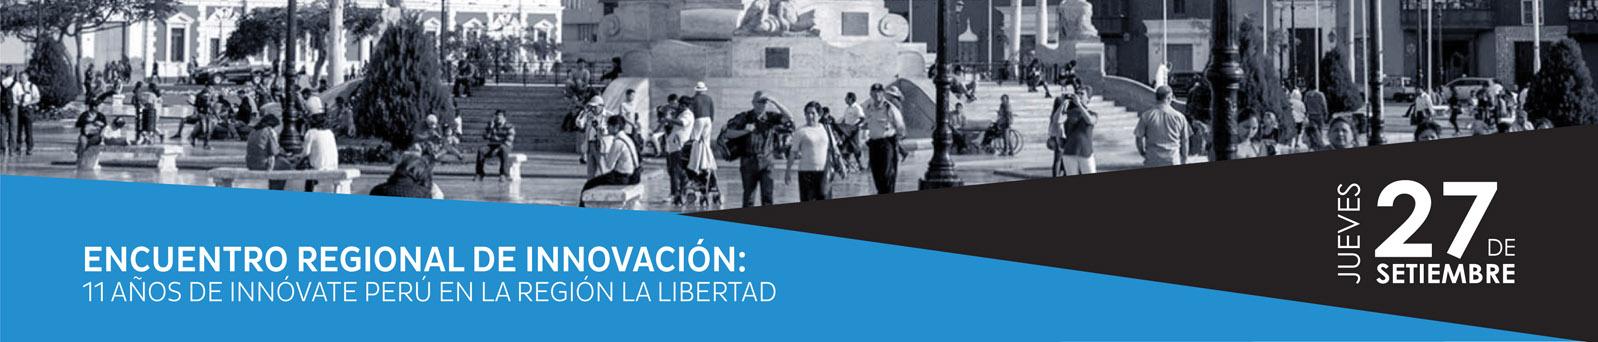 Encuentro regional en la Libertad